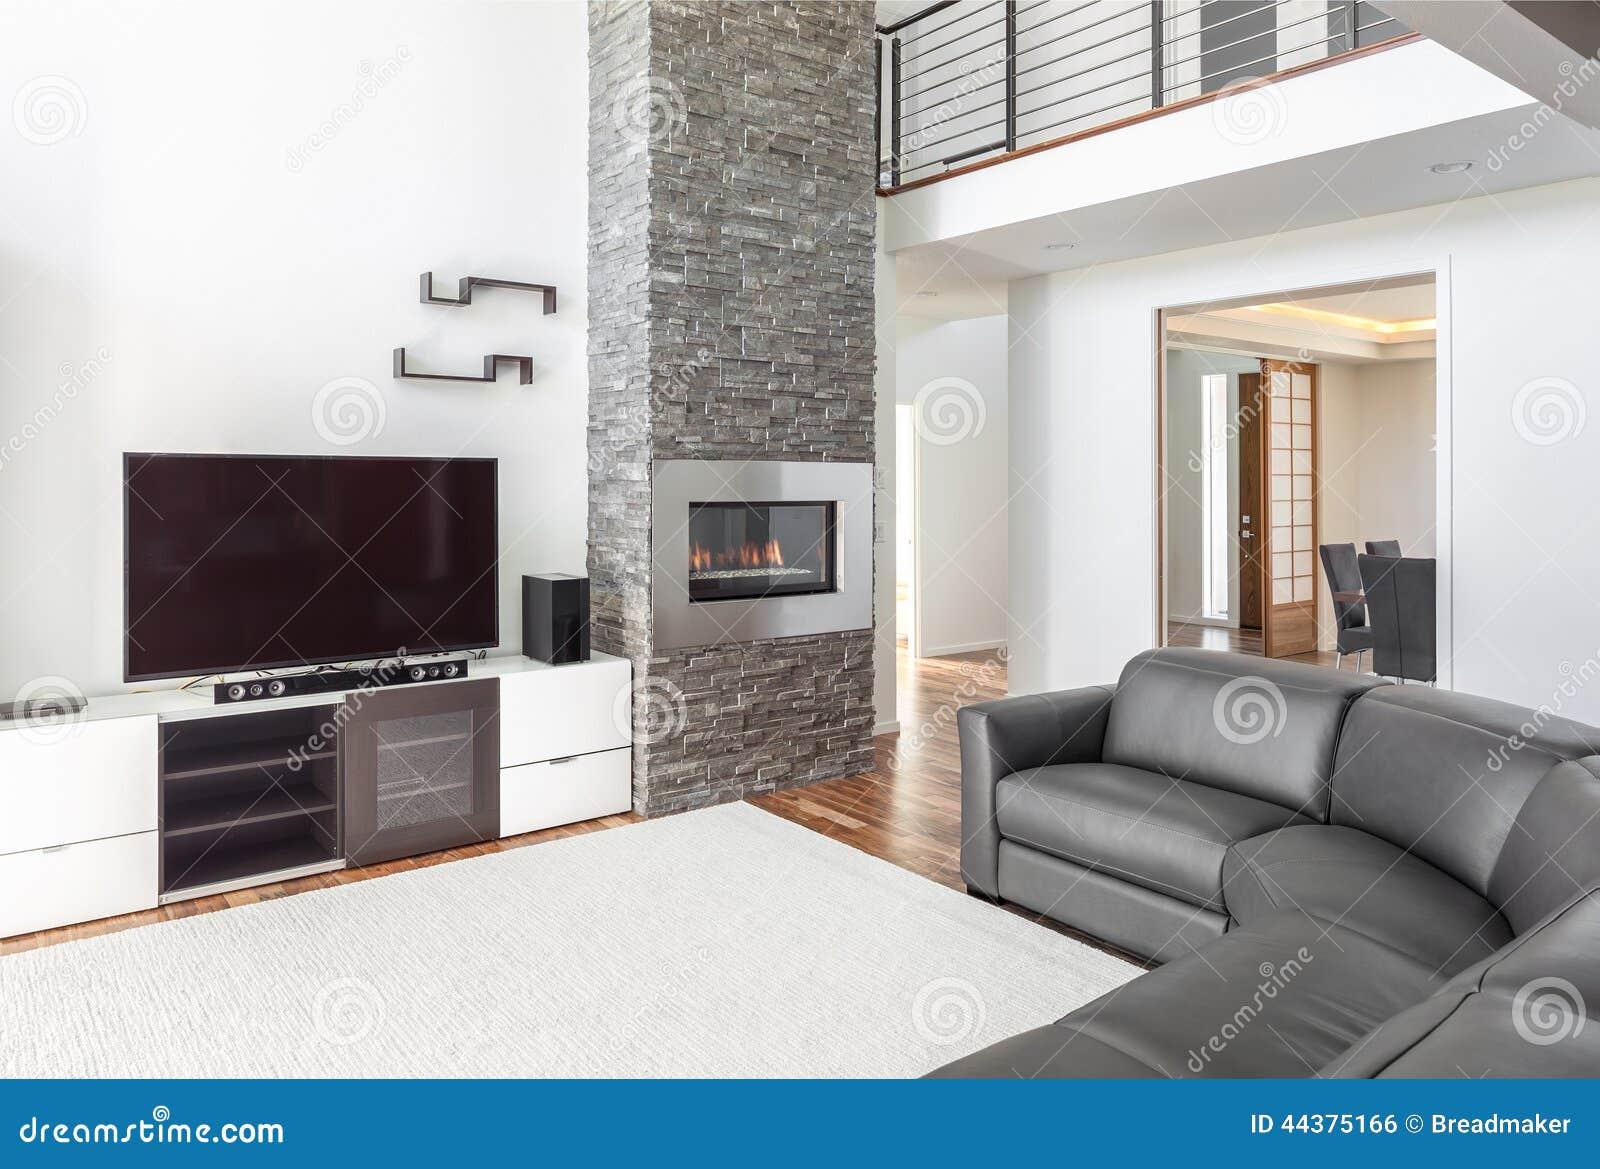 Wohnzimmer mit Kamin stockfoto. Bild von luxuriös, leer ...